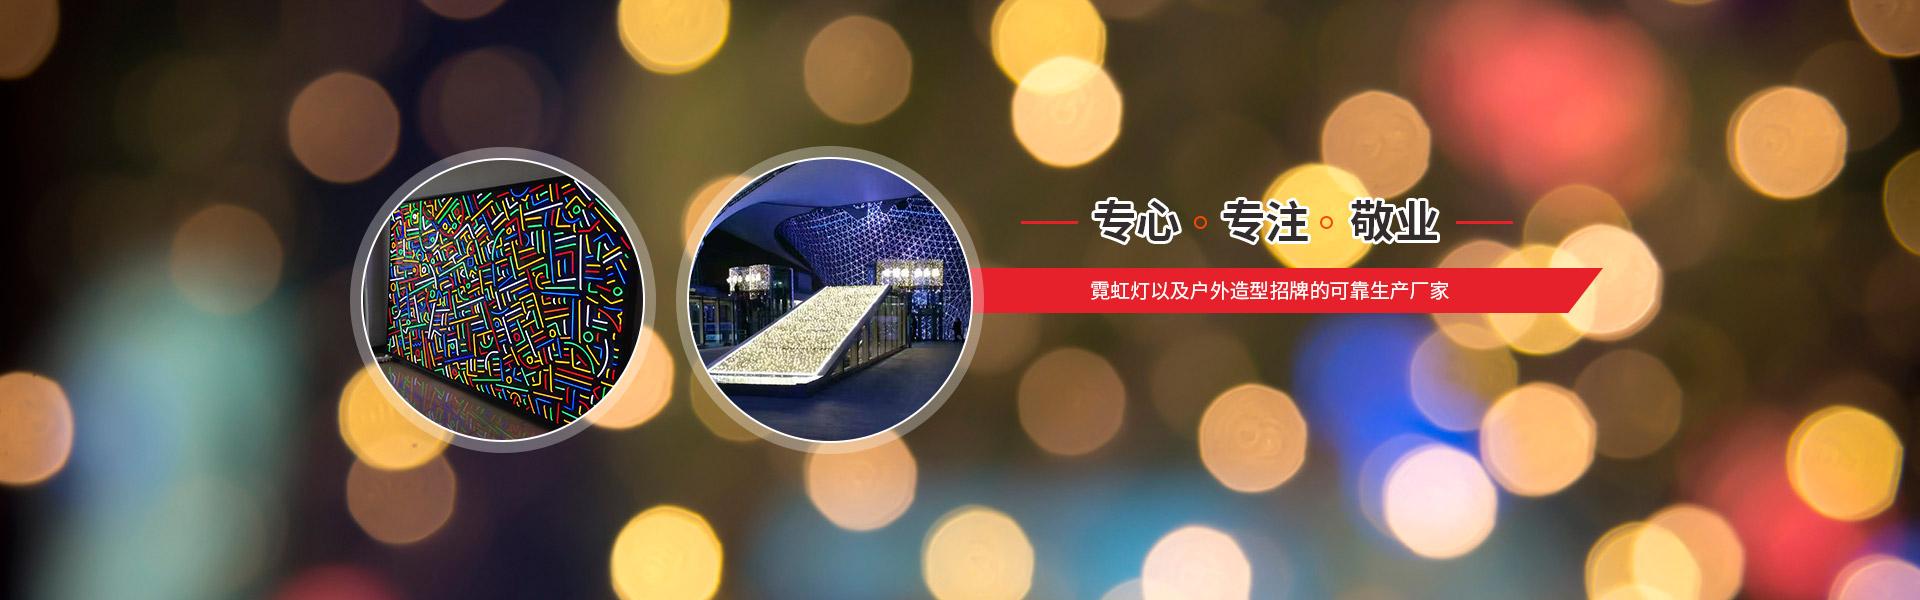 上海耀海霓虹灯有限公司